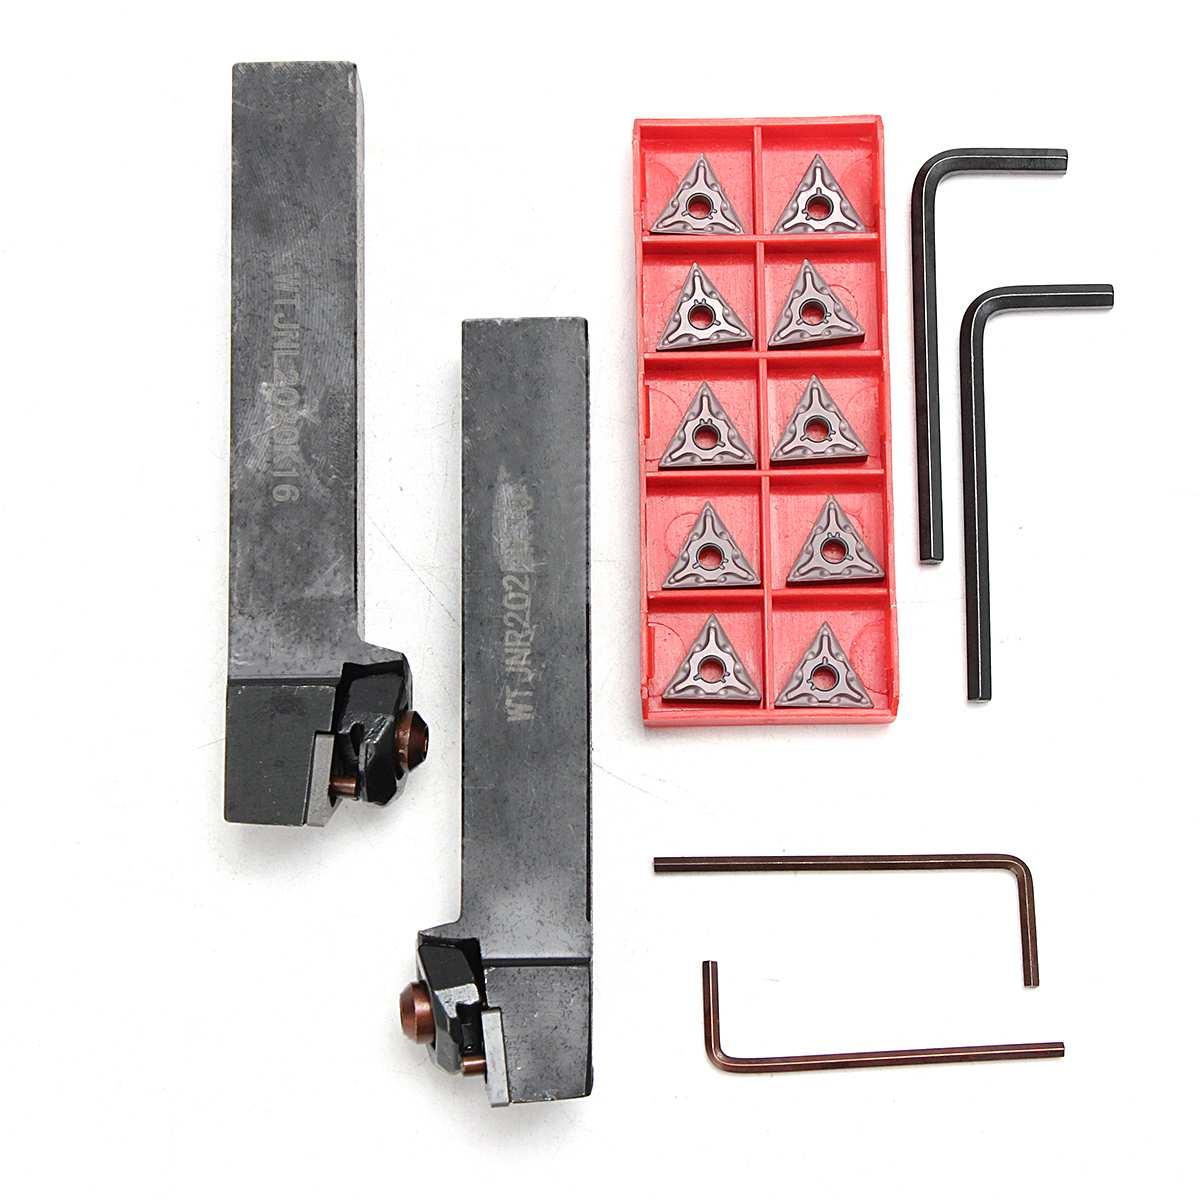 16Pcs/Set 20mm Shank Lathe Turning Tool Holder Boring Bar +Insert+Wrench WTJNR2020K16 WTJNL2020K16